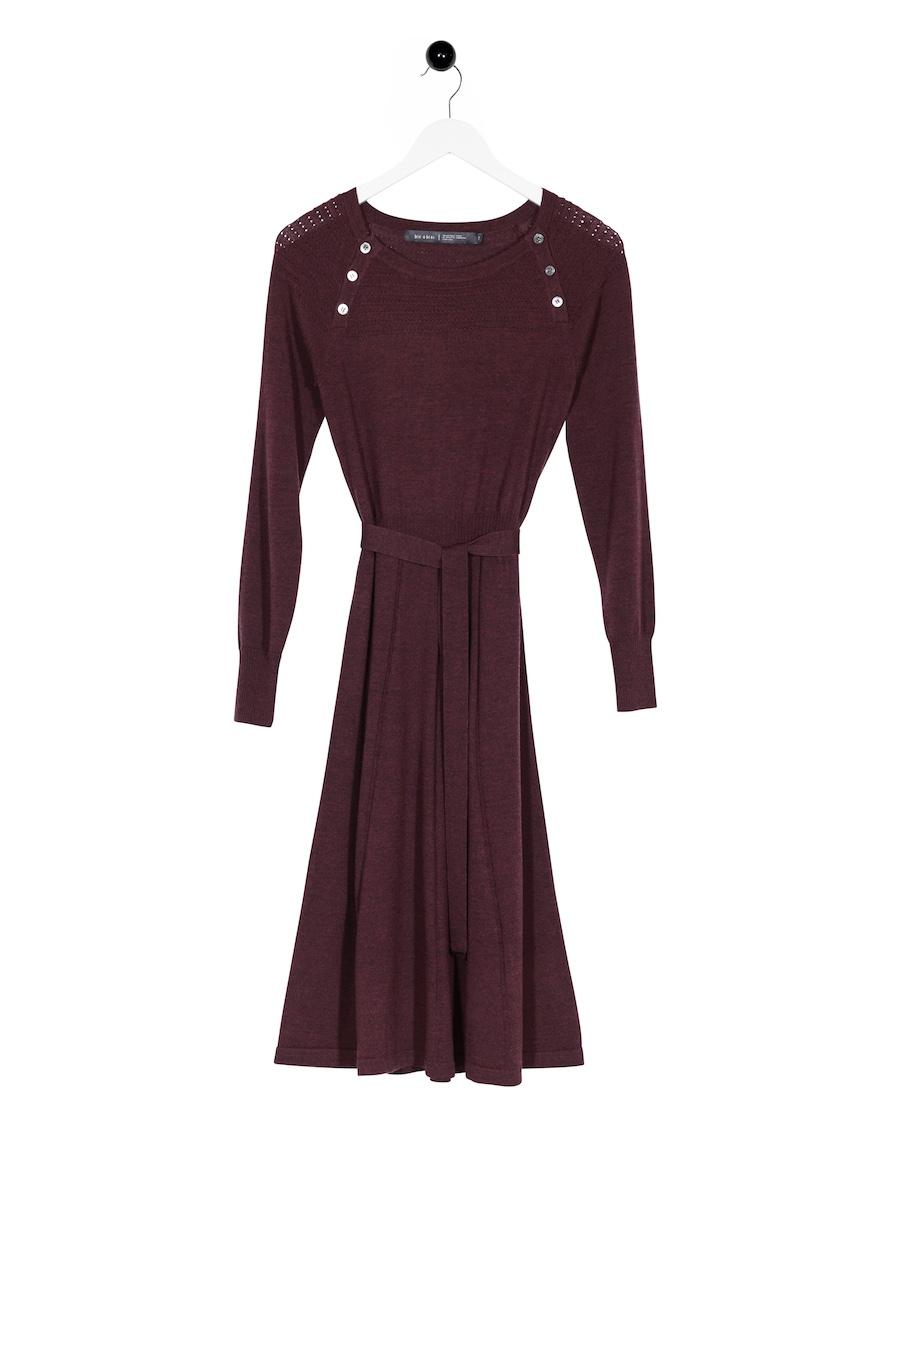 Lund Dress